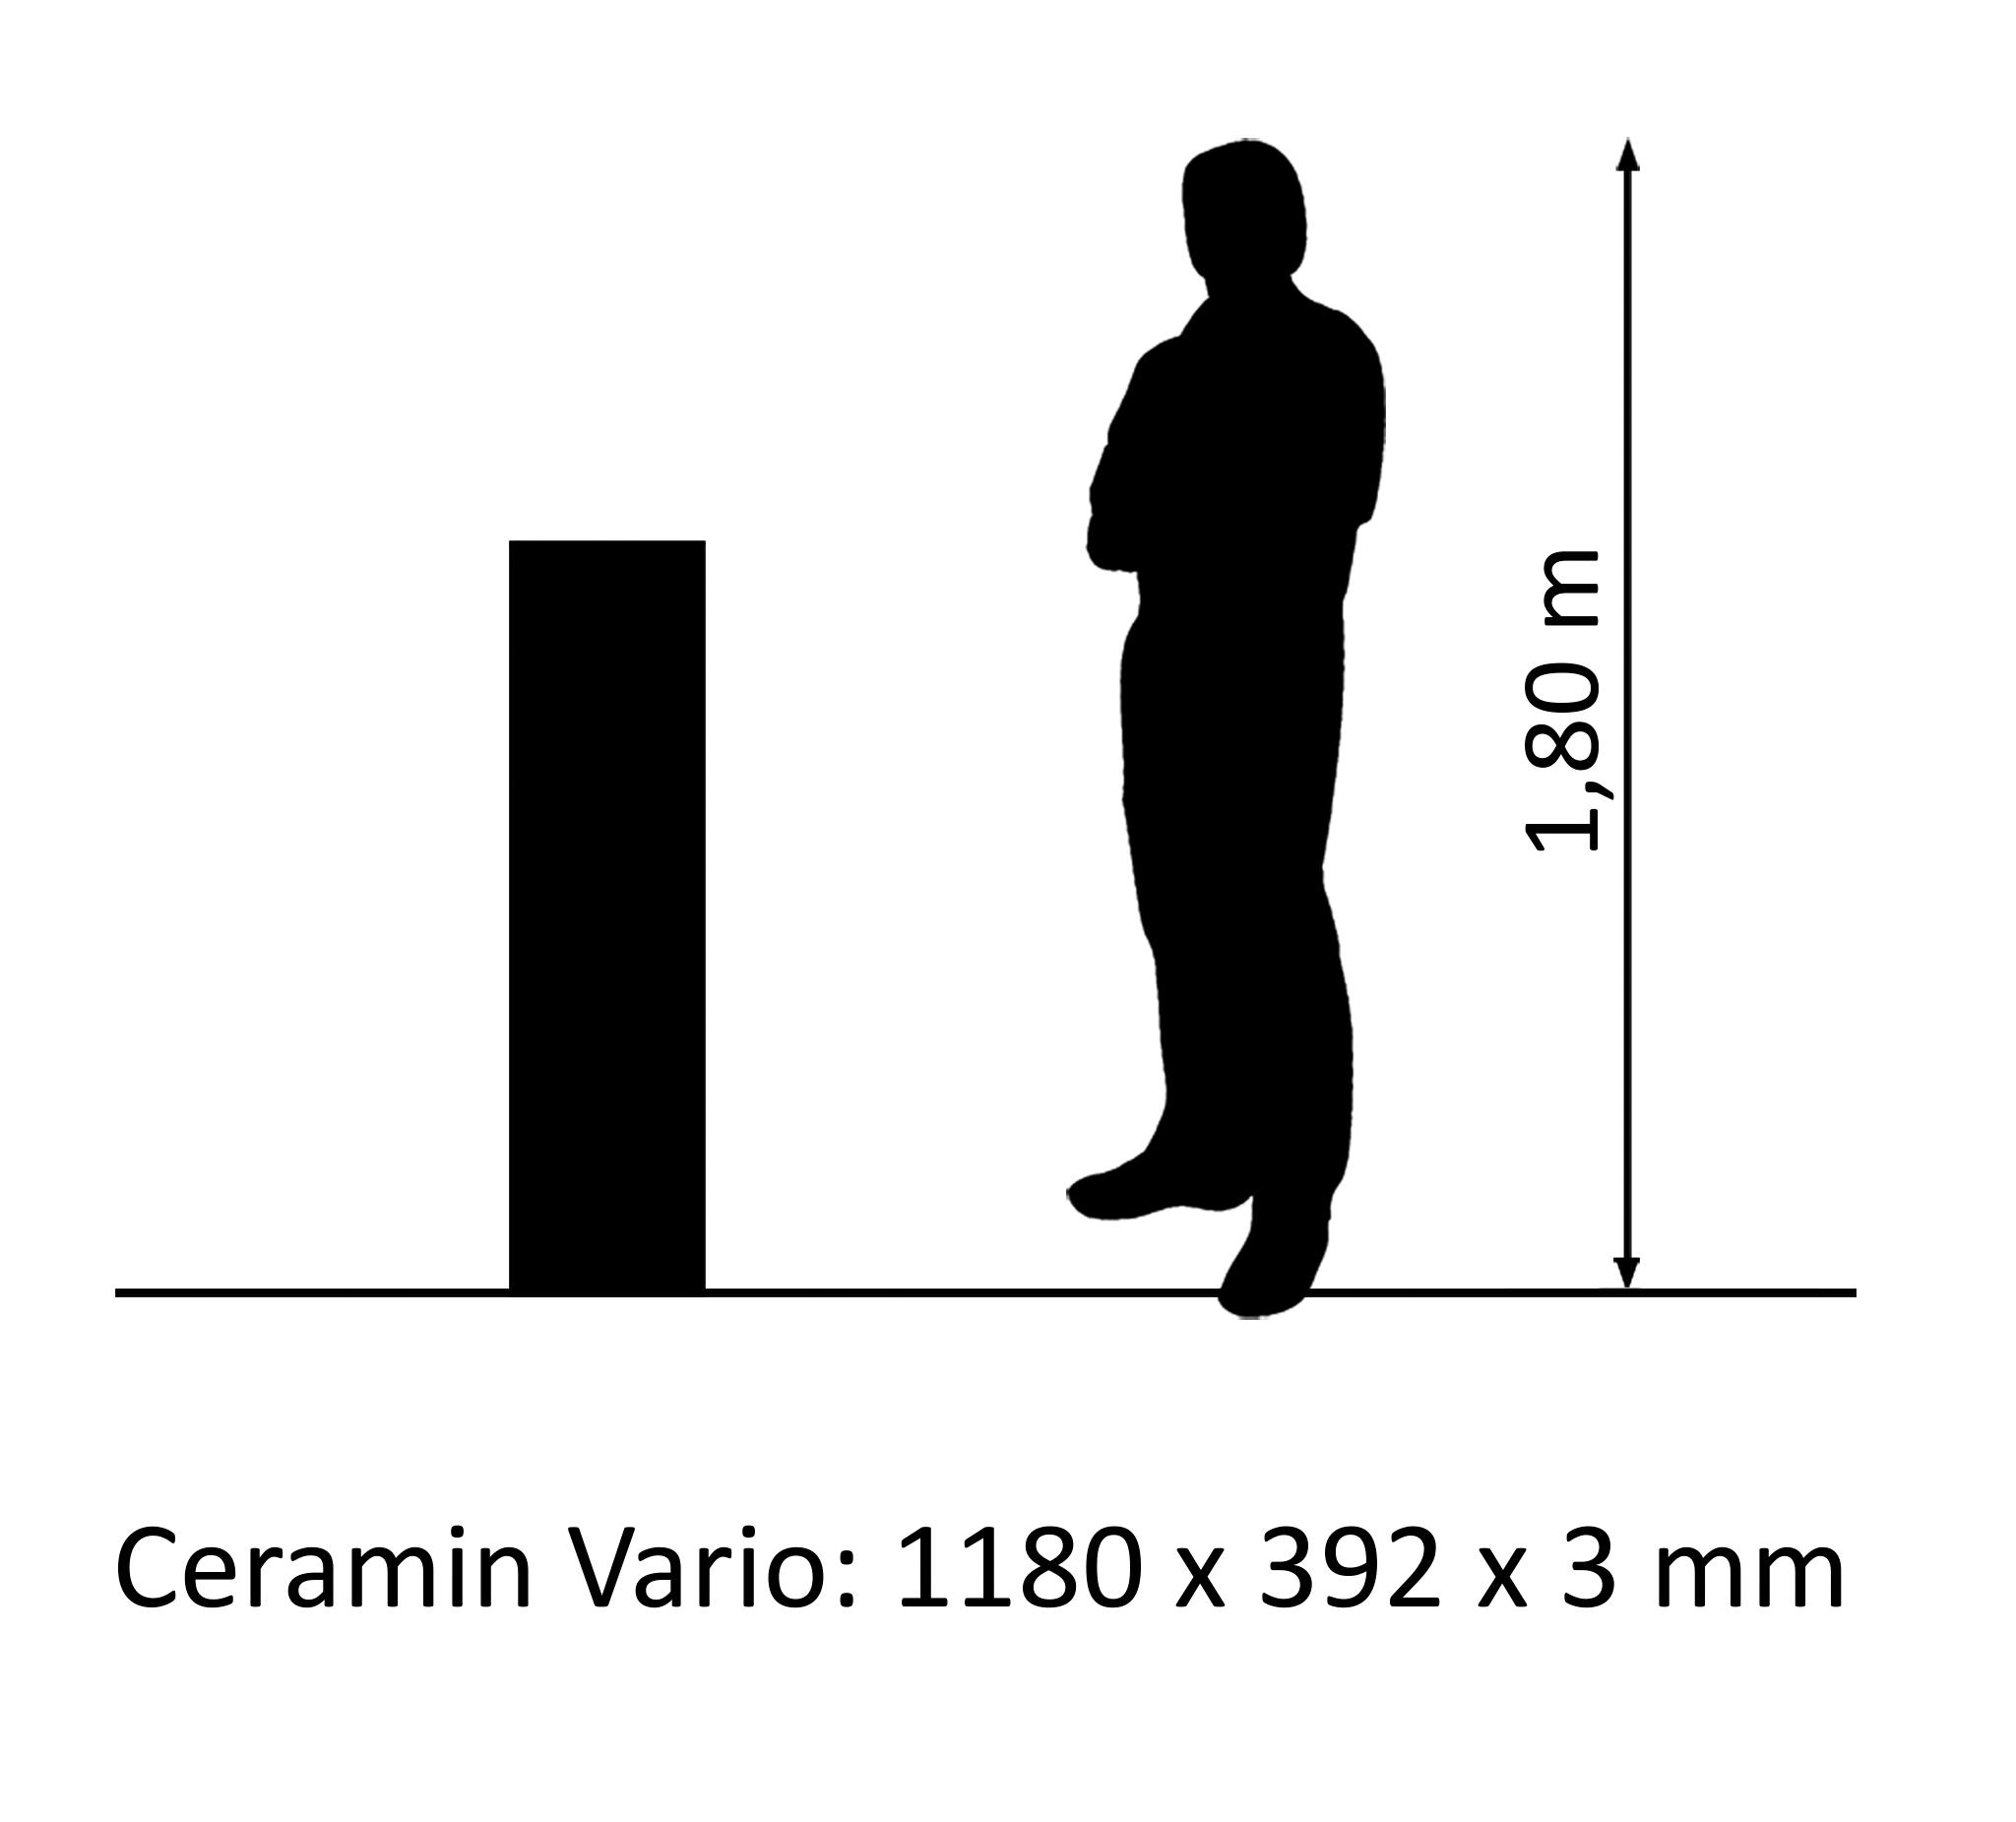 Ceramin Vario Kalkmarmorputz weiß